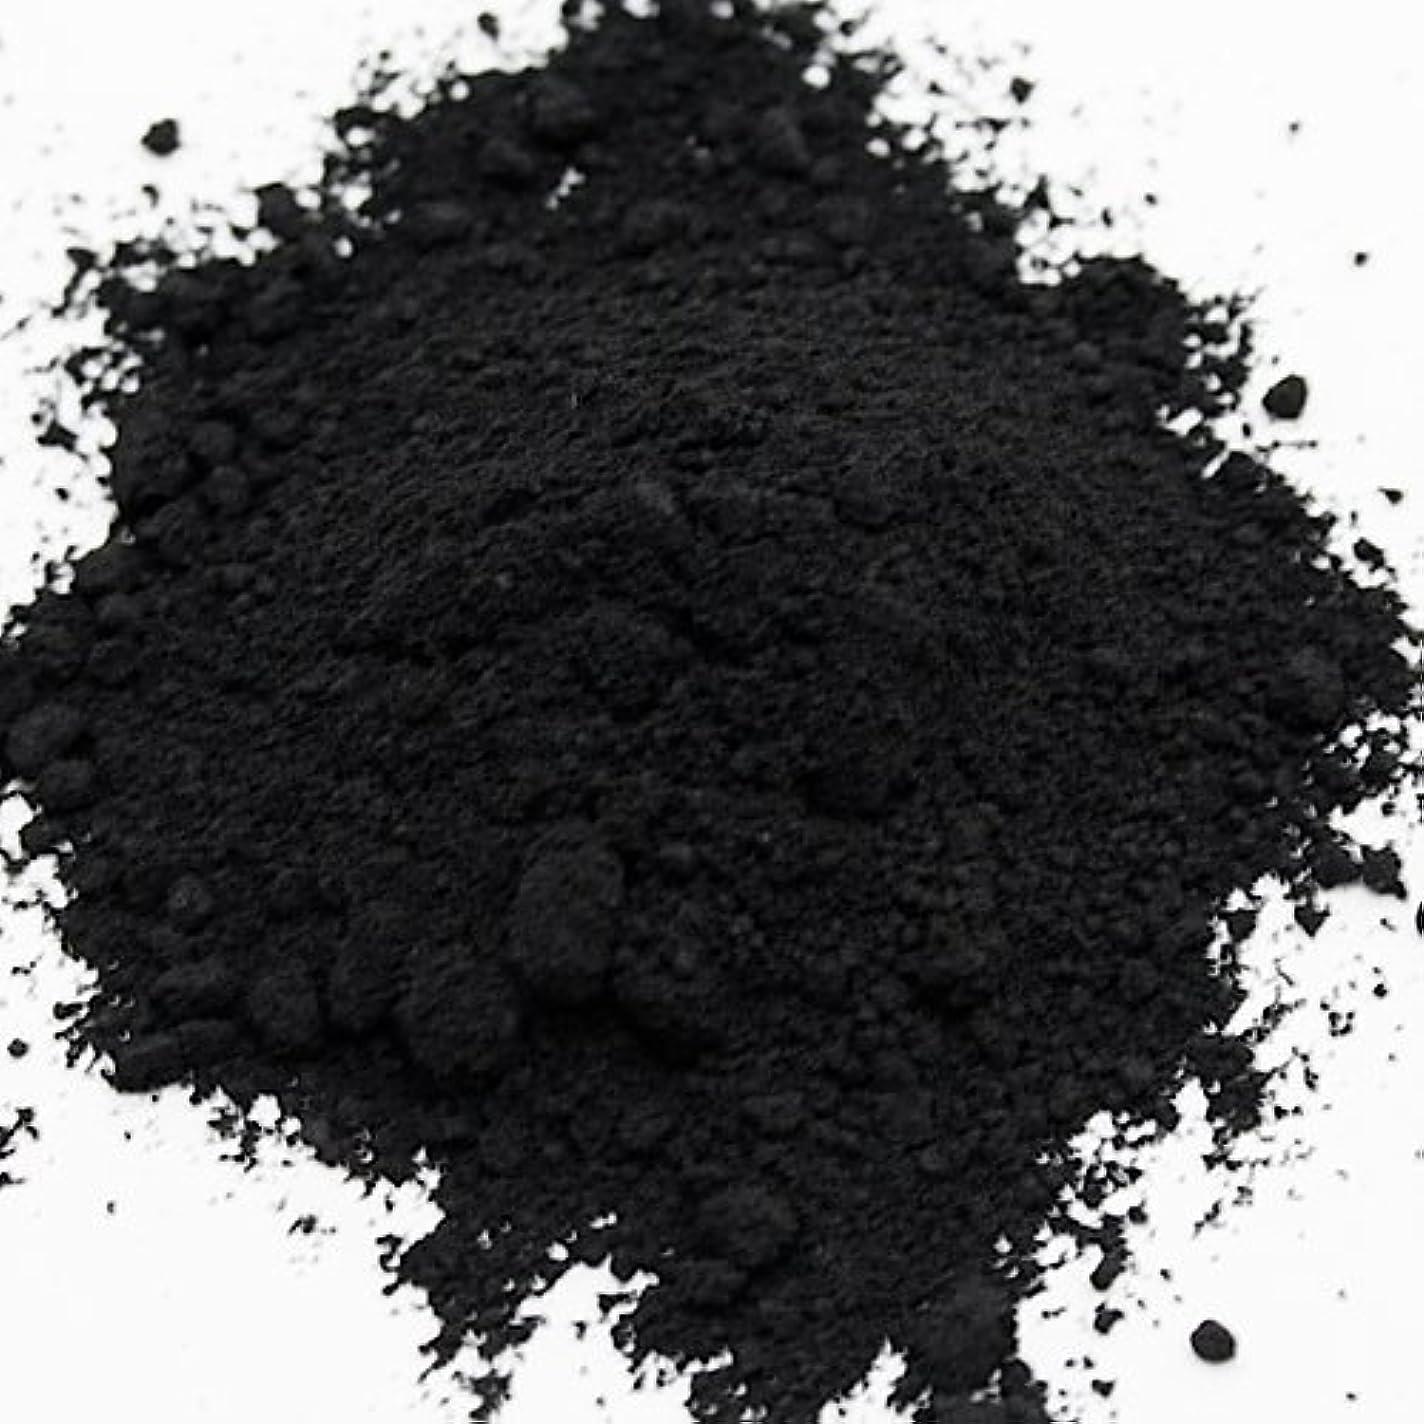 懐疑論引き付ける思想酸化鉄 ブラック 5g 【手作り石鹸/手作りコスメ/色付け/カラーラント/黒】